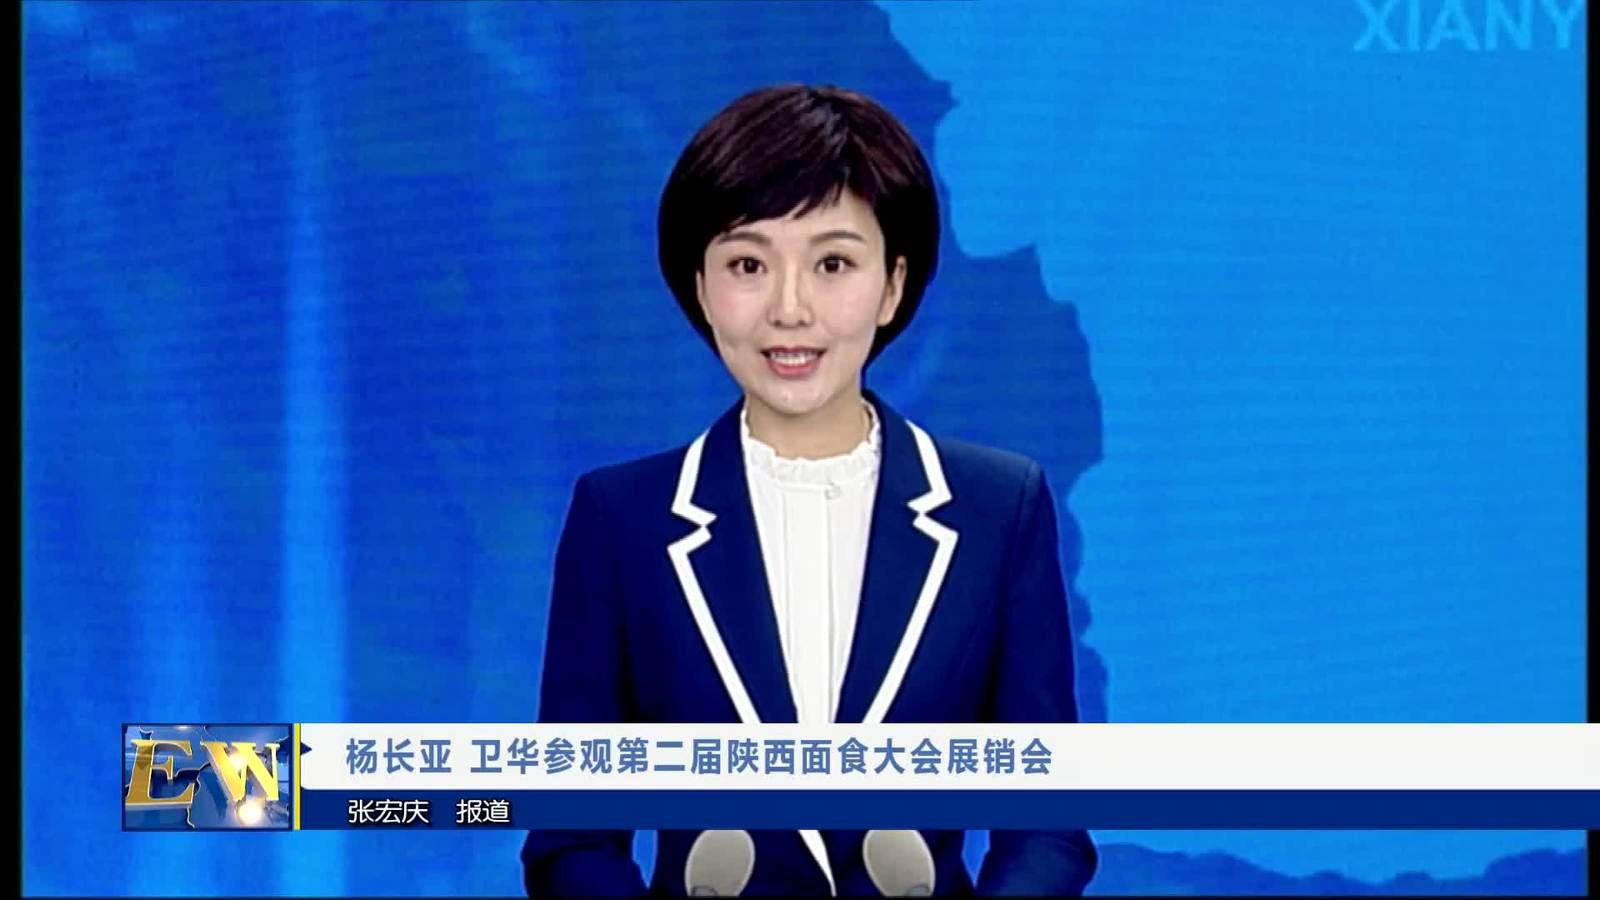 杨长亚  卫华参观第二届陕西面食大会展销会